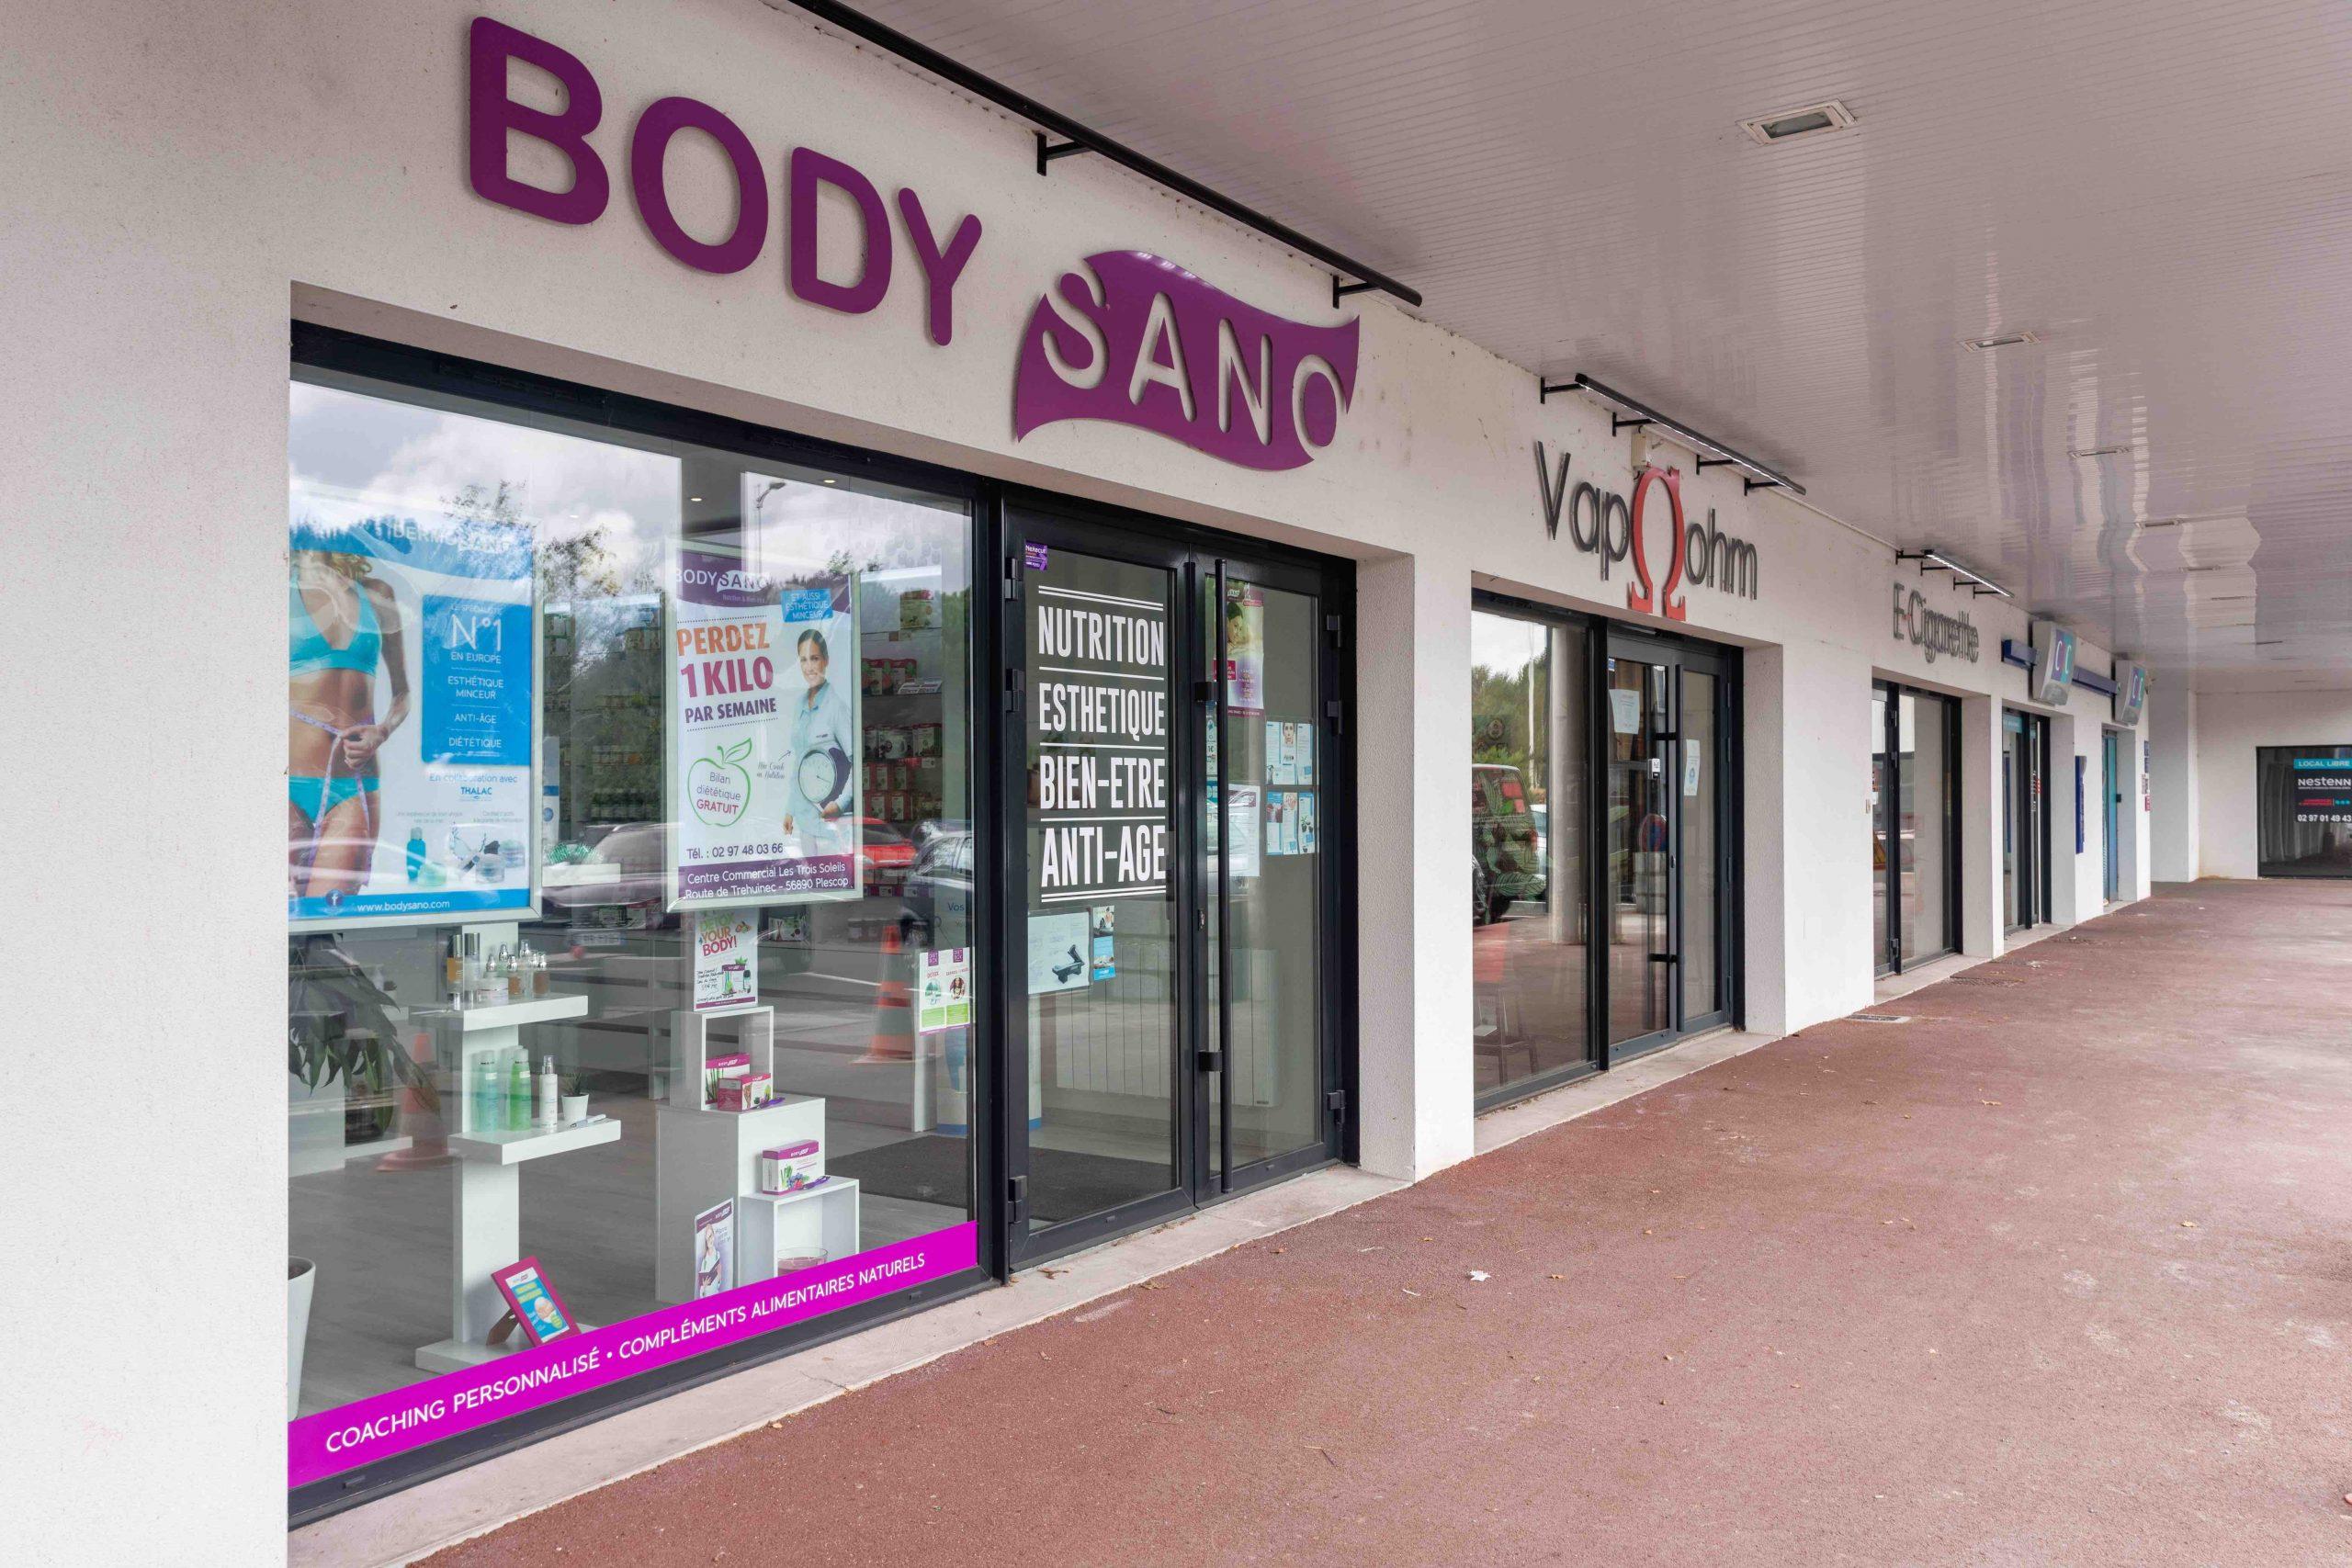 Vannes BodySano Centre small